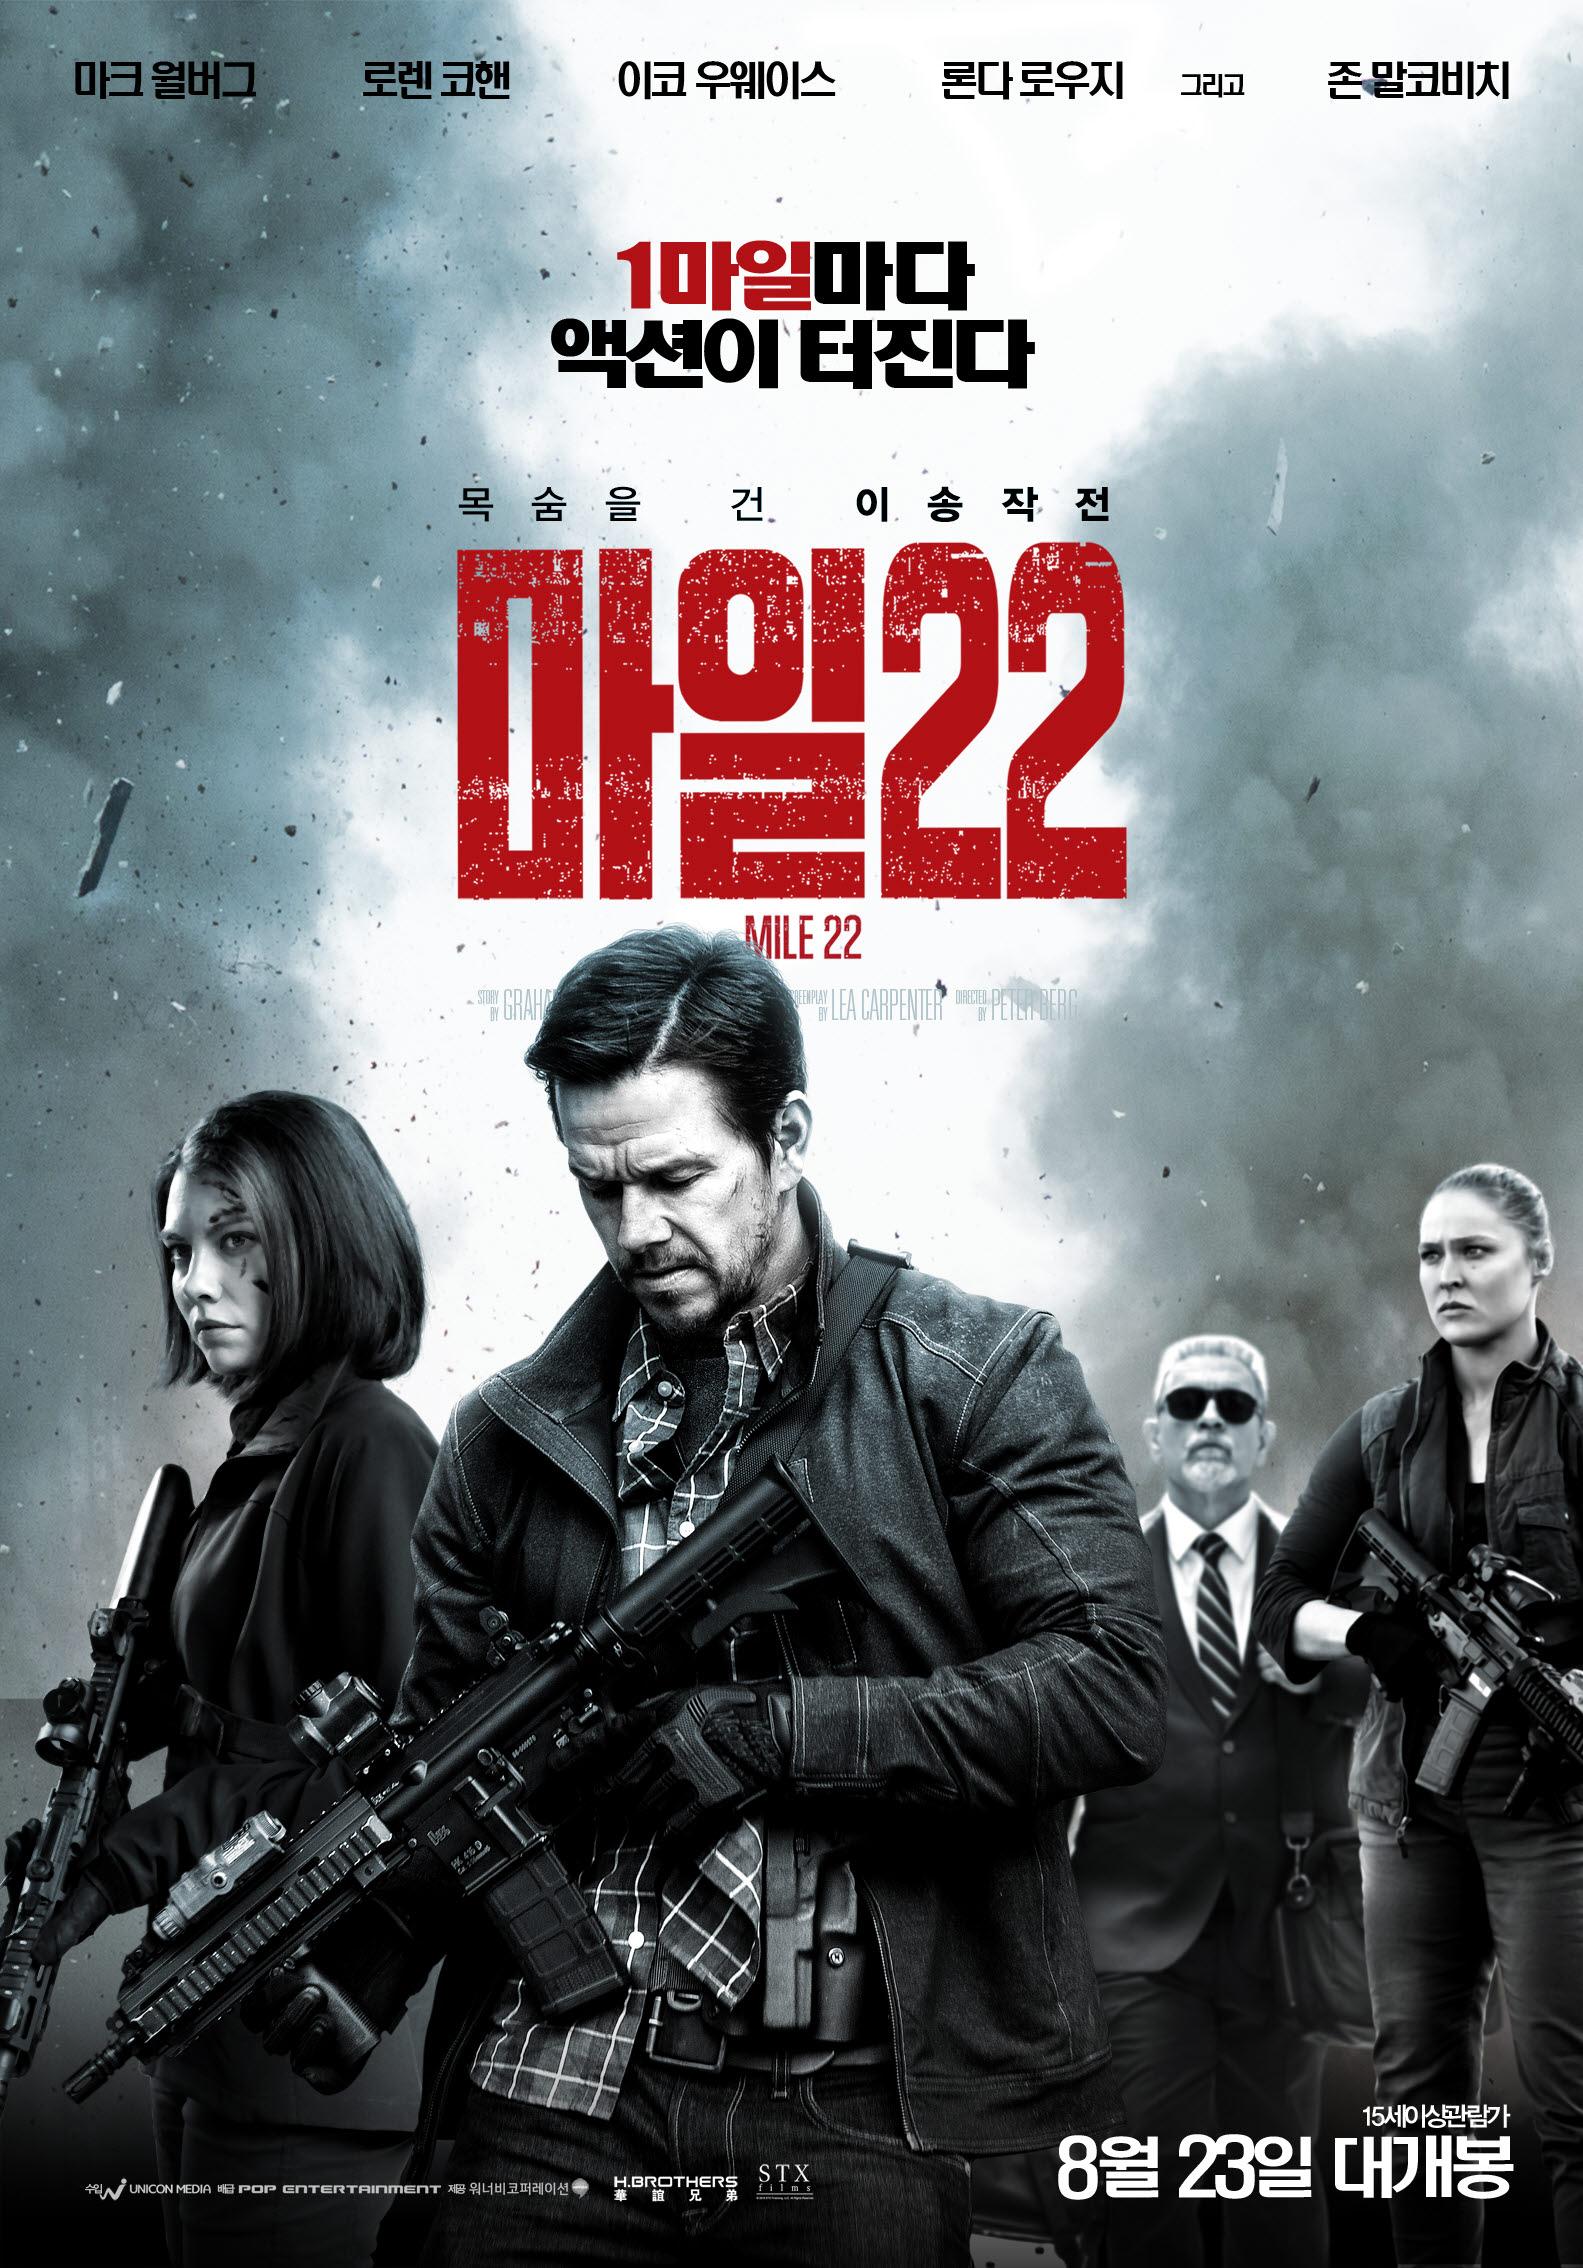 차라리 액션에만 집중했다면 - 영화 <마일22>(2018...